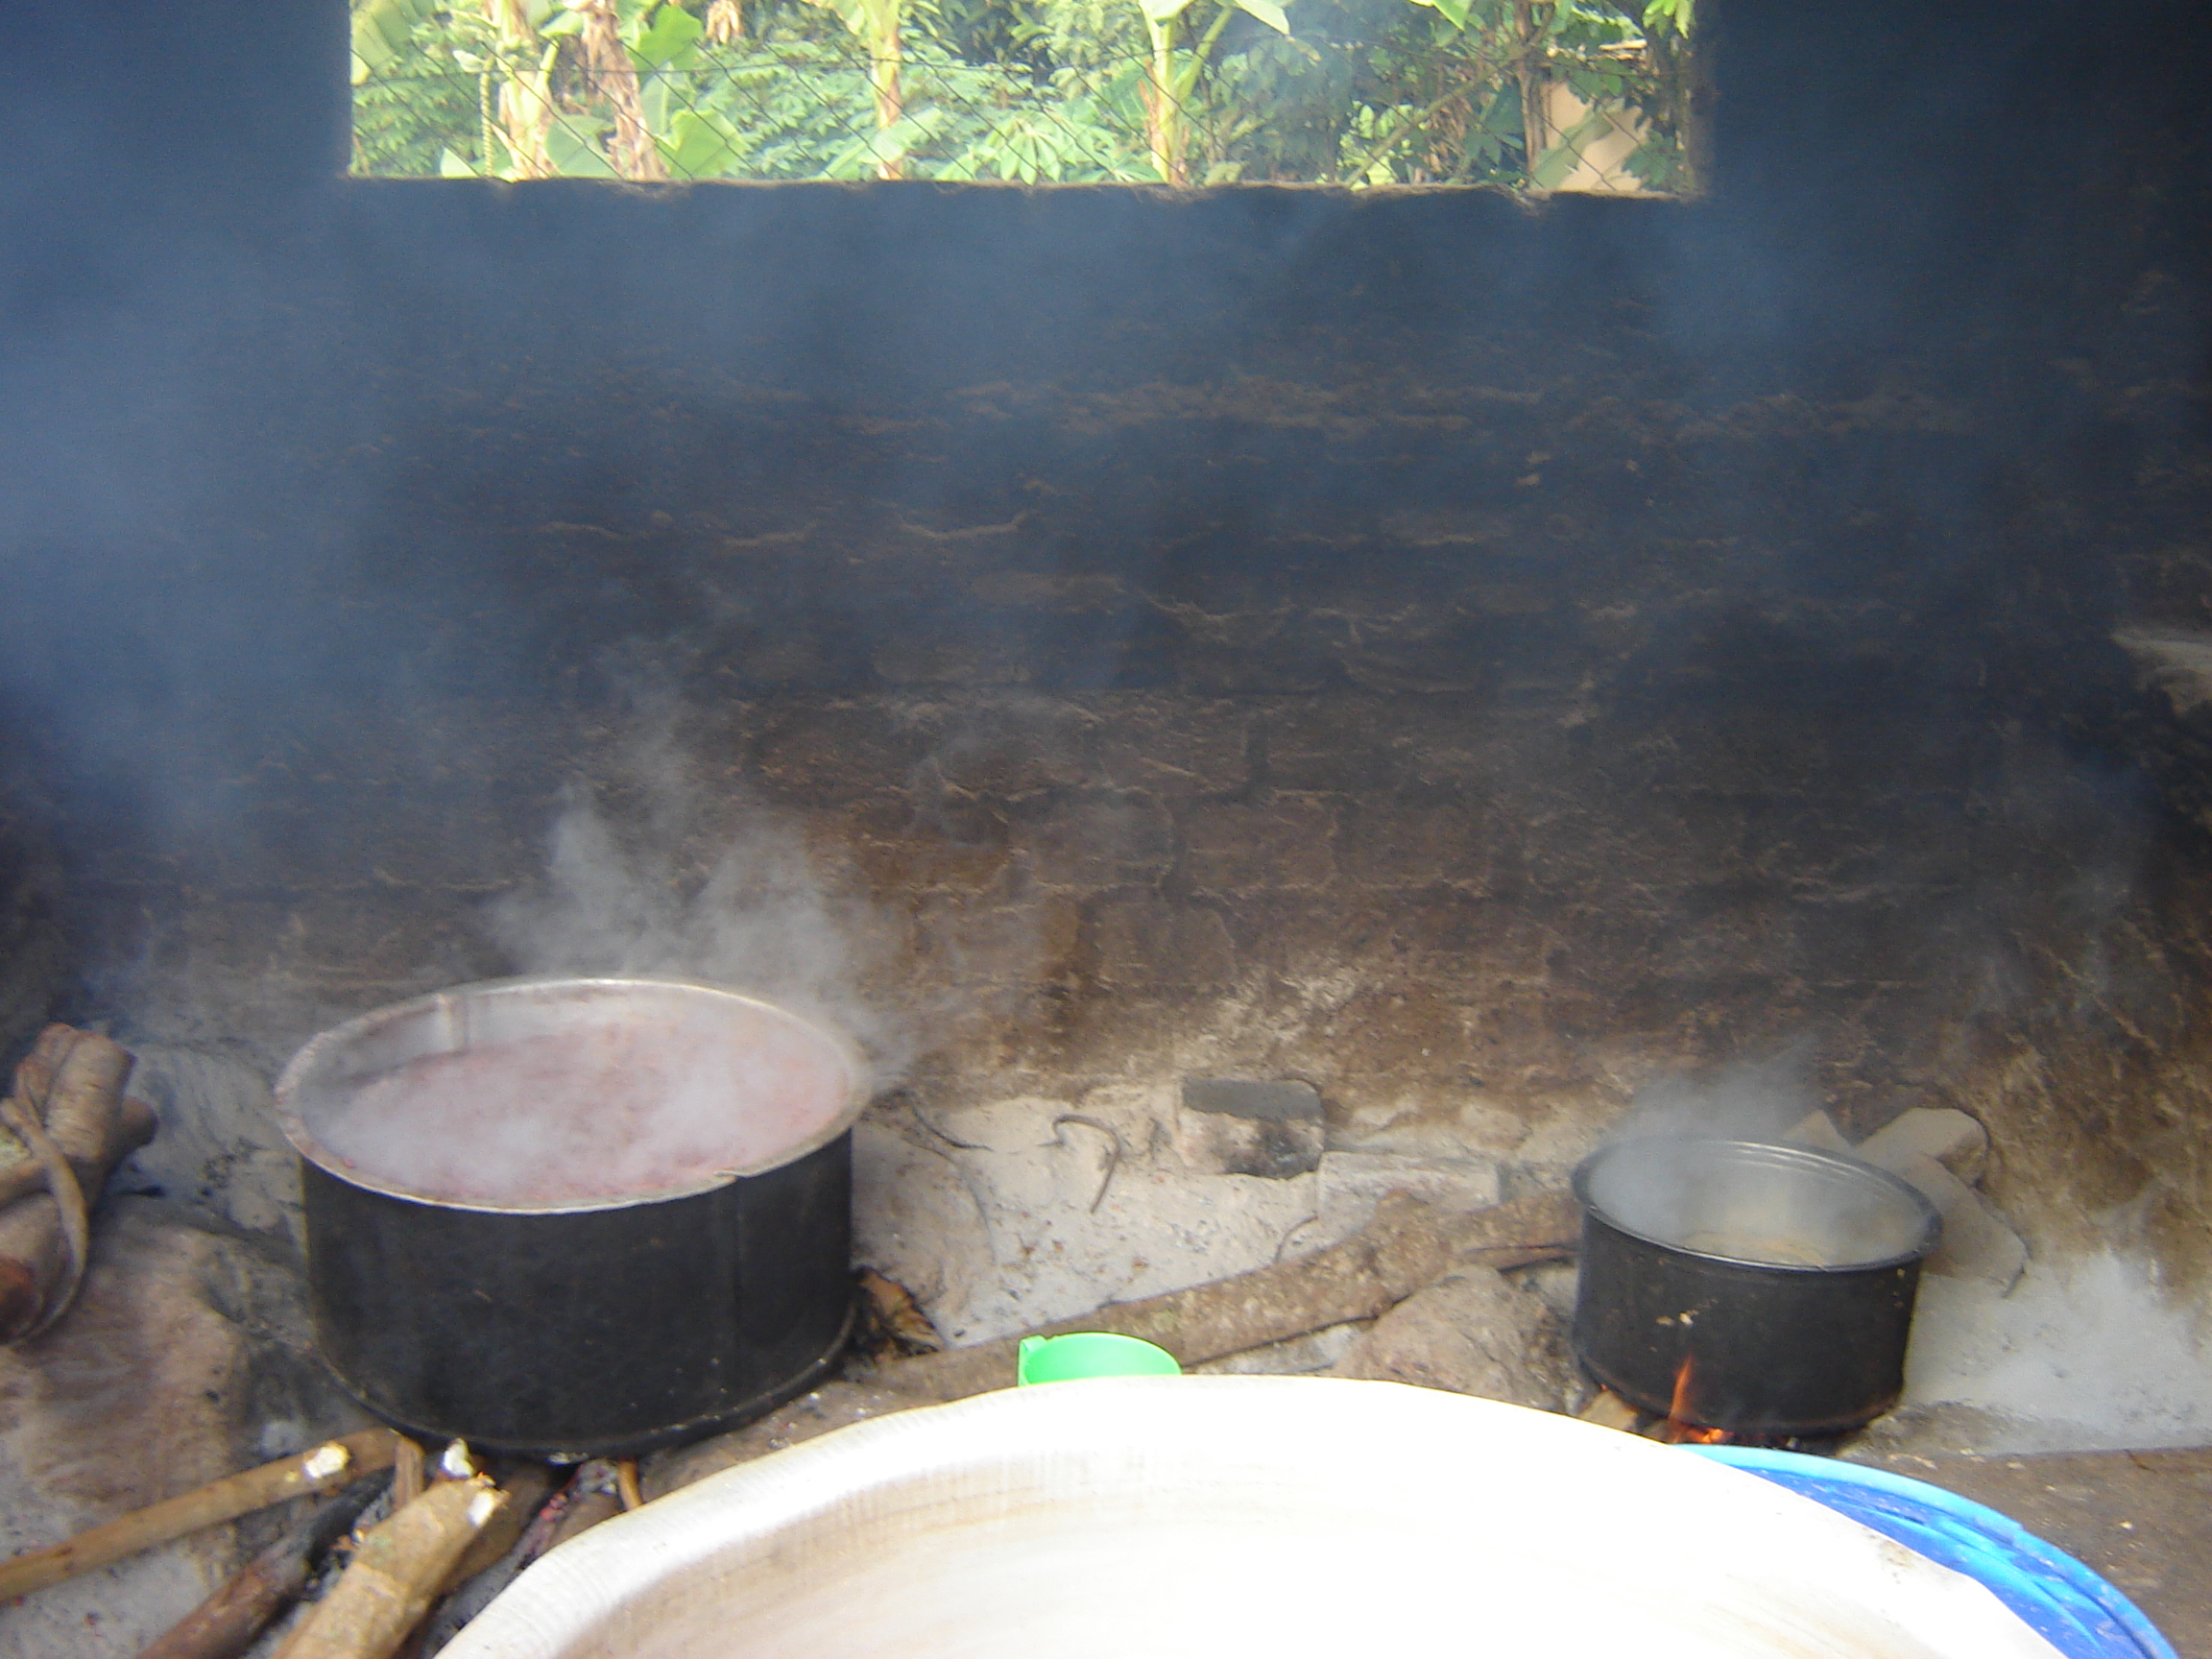 The Nkumba Schools Kitchen